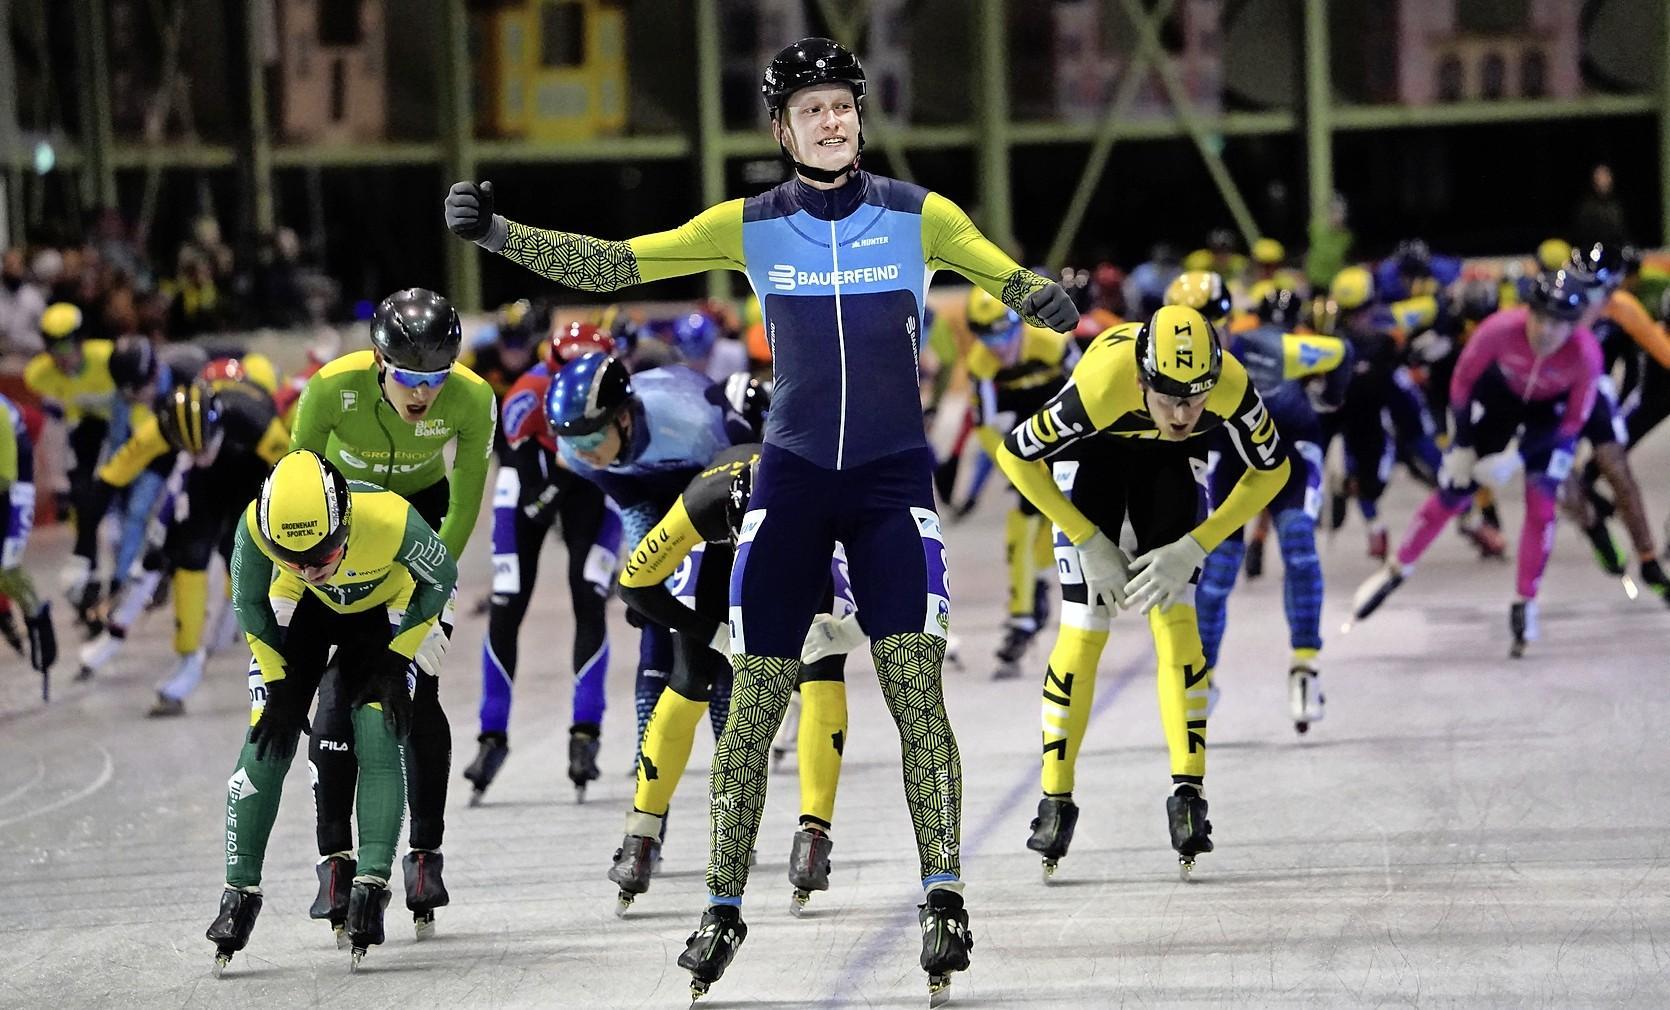 Vierdaagse betekent lange dagen voor marathonschaatser Ruud Slagter: werken, autorijden, schaatsen én winnen